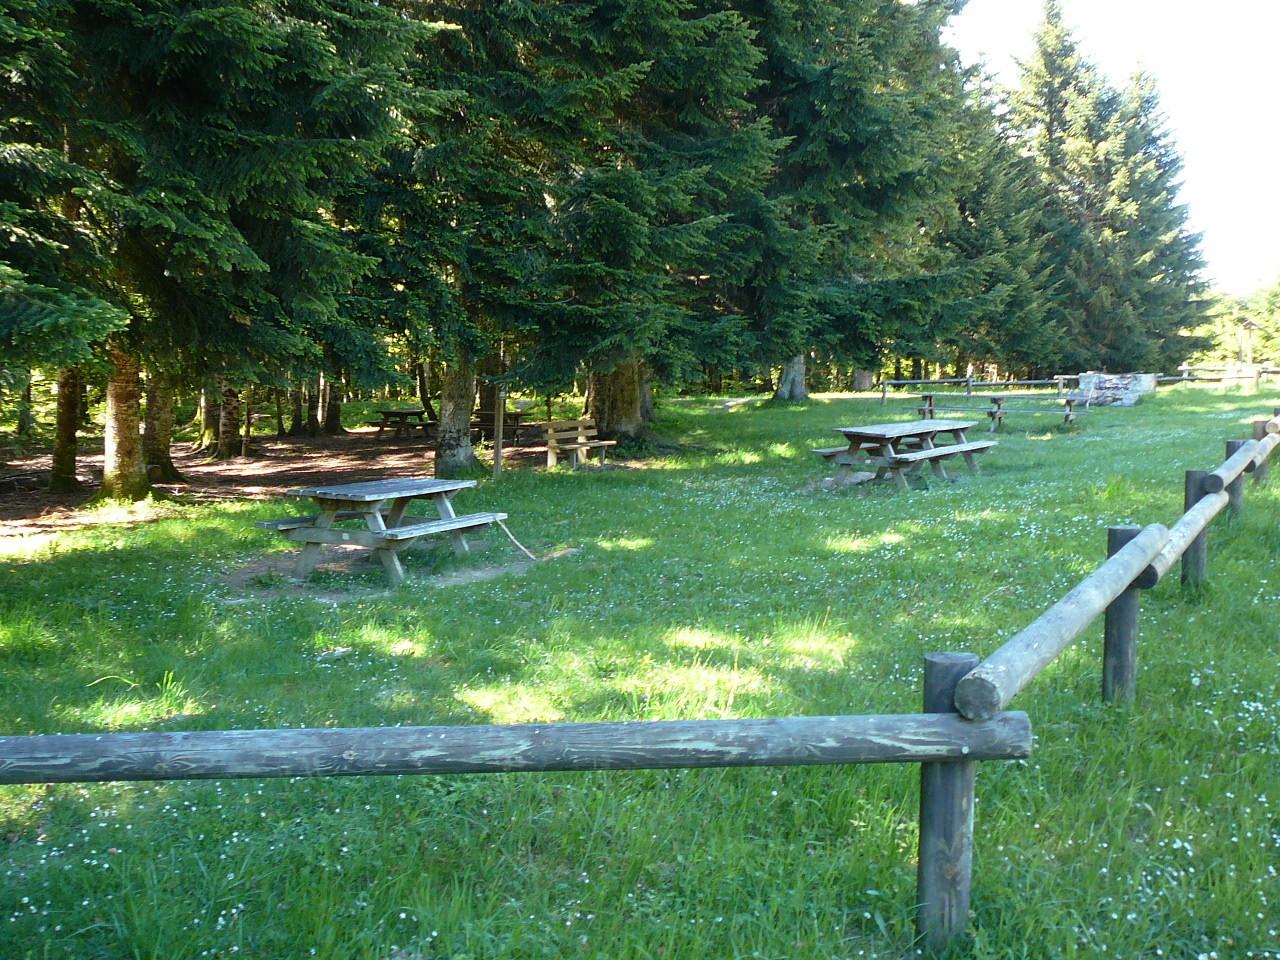 aire de la maison forestière de Callong Mirail